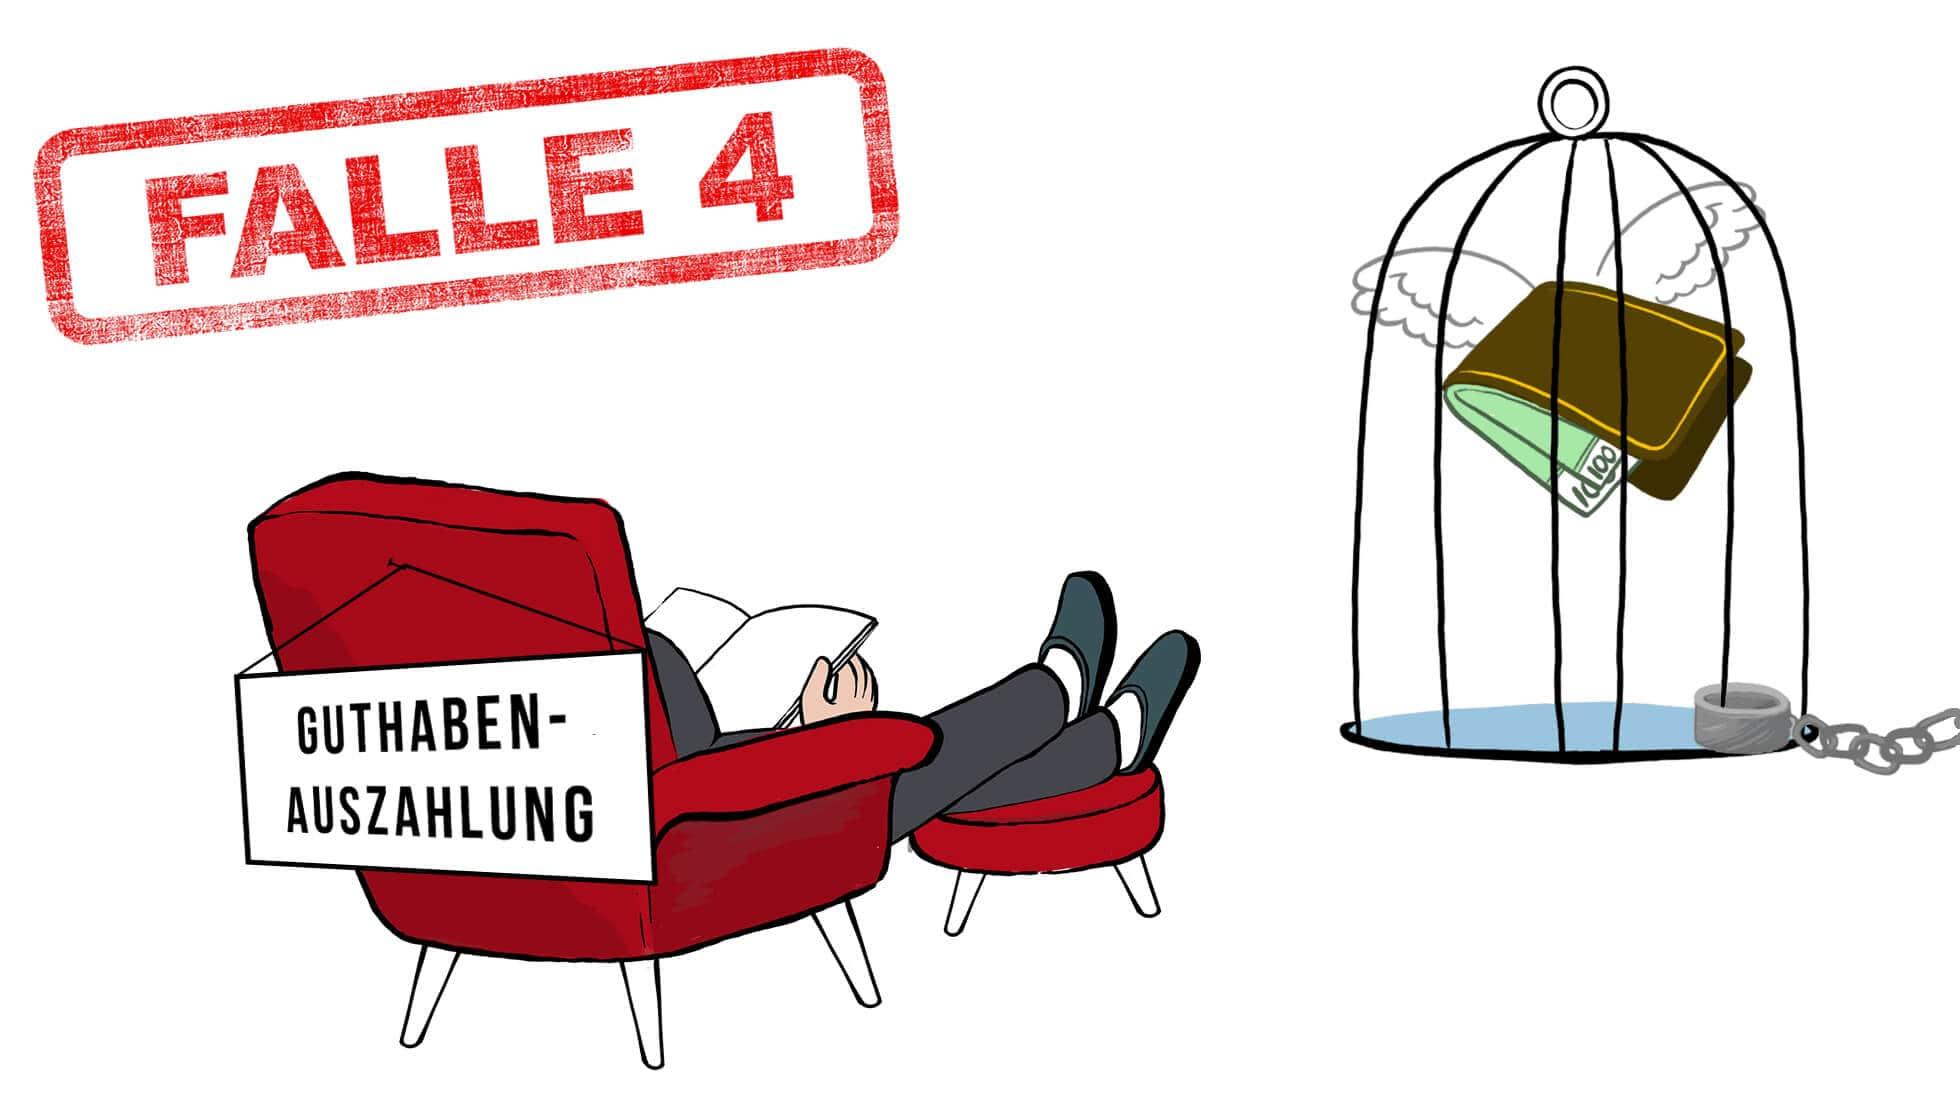 """Stromvergleich Falle 4: Der Verbraucher sitzt mit dem Rücken zum Betrachter. Am Sesselrücken ist ein Schild befestigt: """"Guthaben-Auszahlung"""". Der Verbraucher blickt in die Richtung von einem angeketteten Käfig. In diesem Käfig flattert sinnbildlich eine Geldbörse mit Flügeln und Geldscheinen, gefangen."""